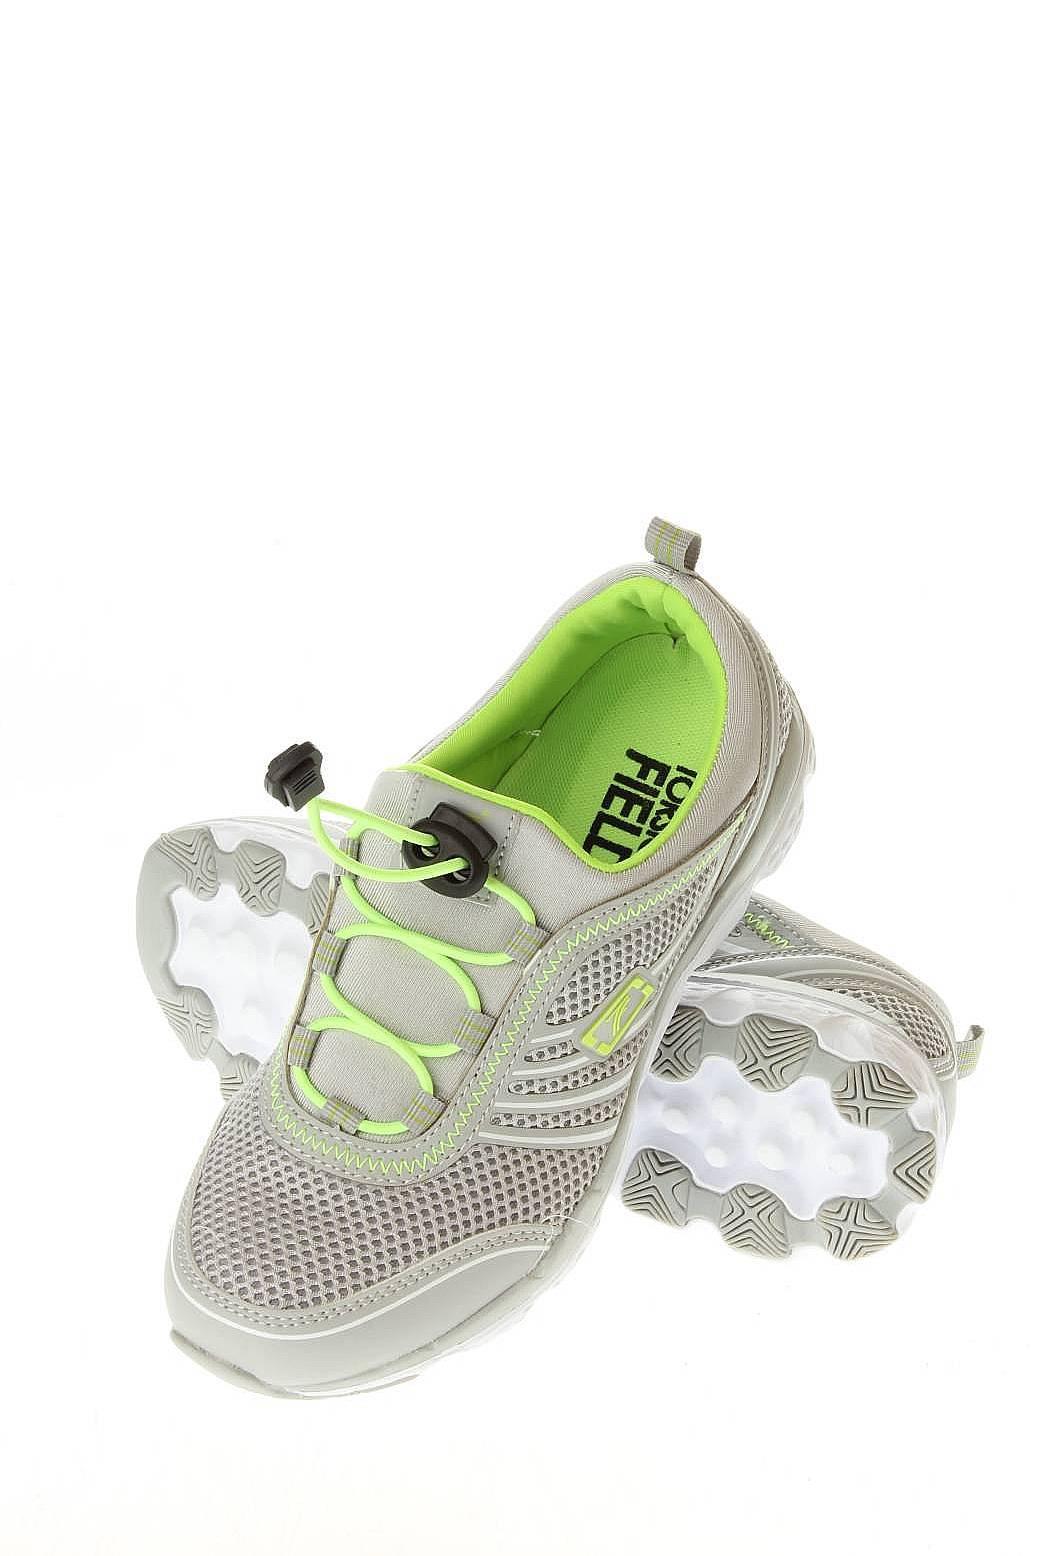 Мужская Обувь Детская Обувь Женская Обувь Кроссовки: TF Обувь